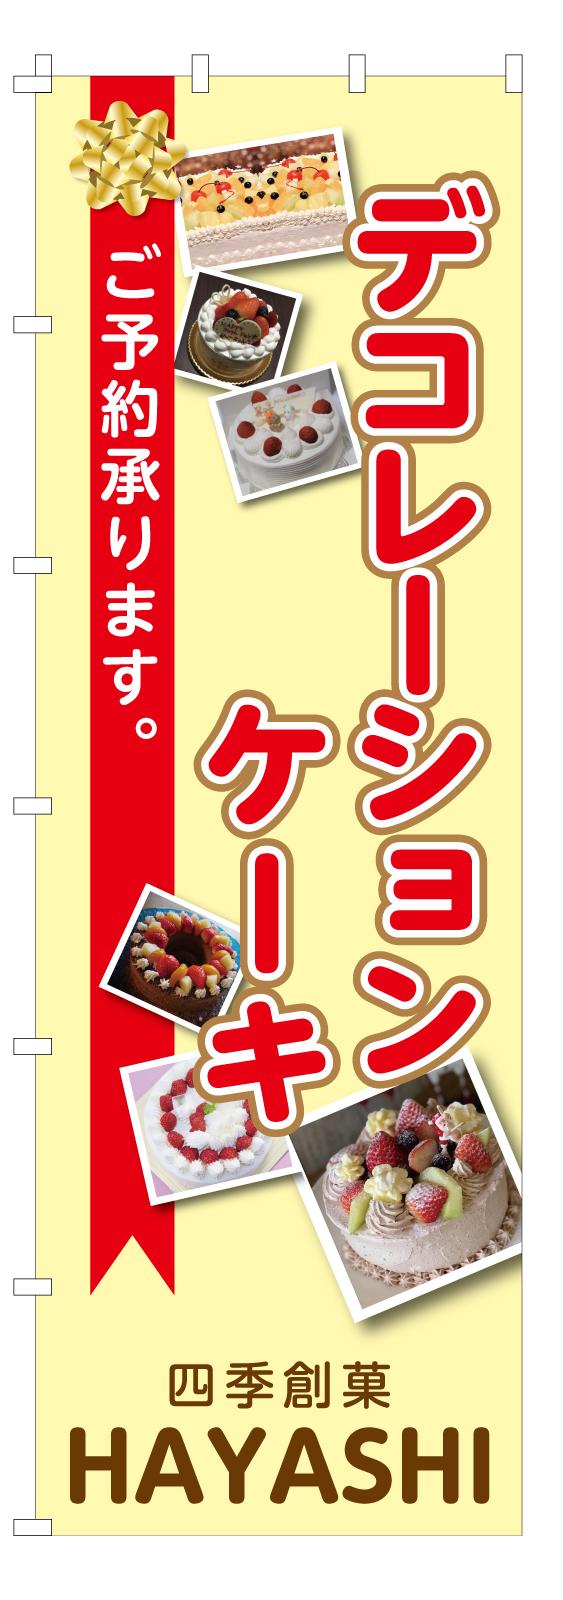 洋菓子店ののぼり